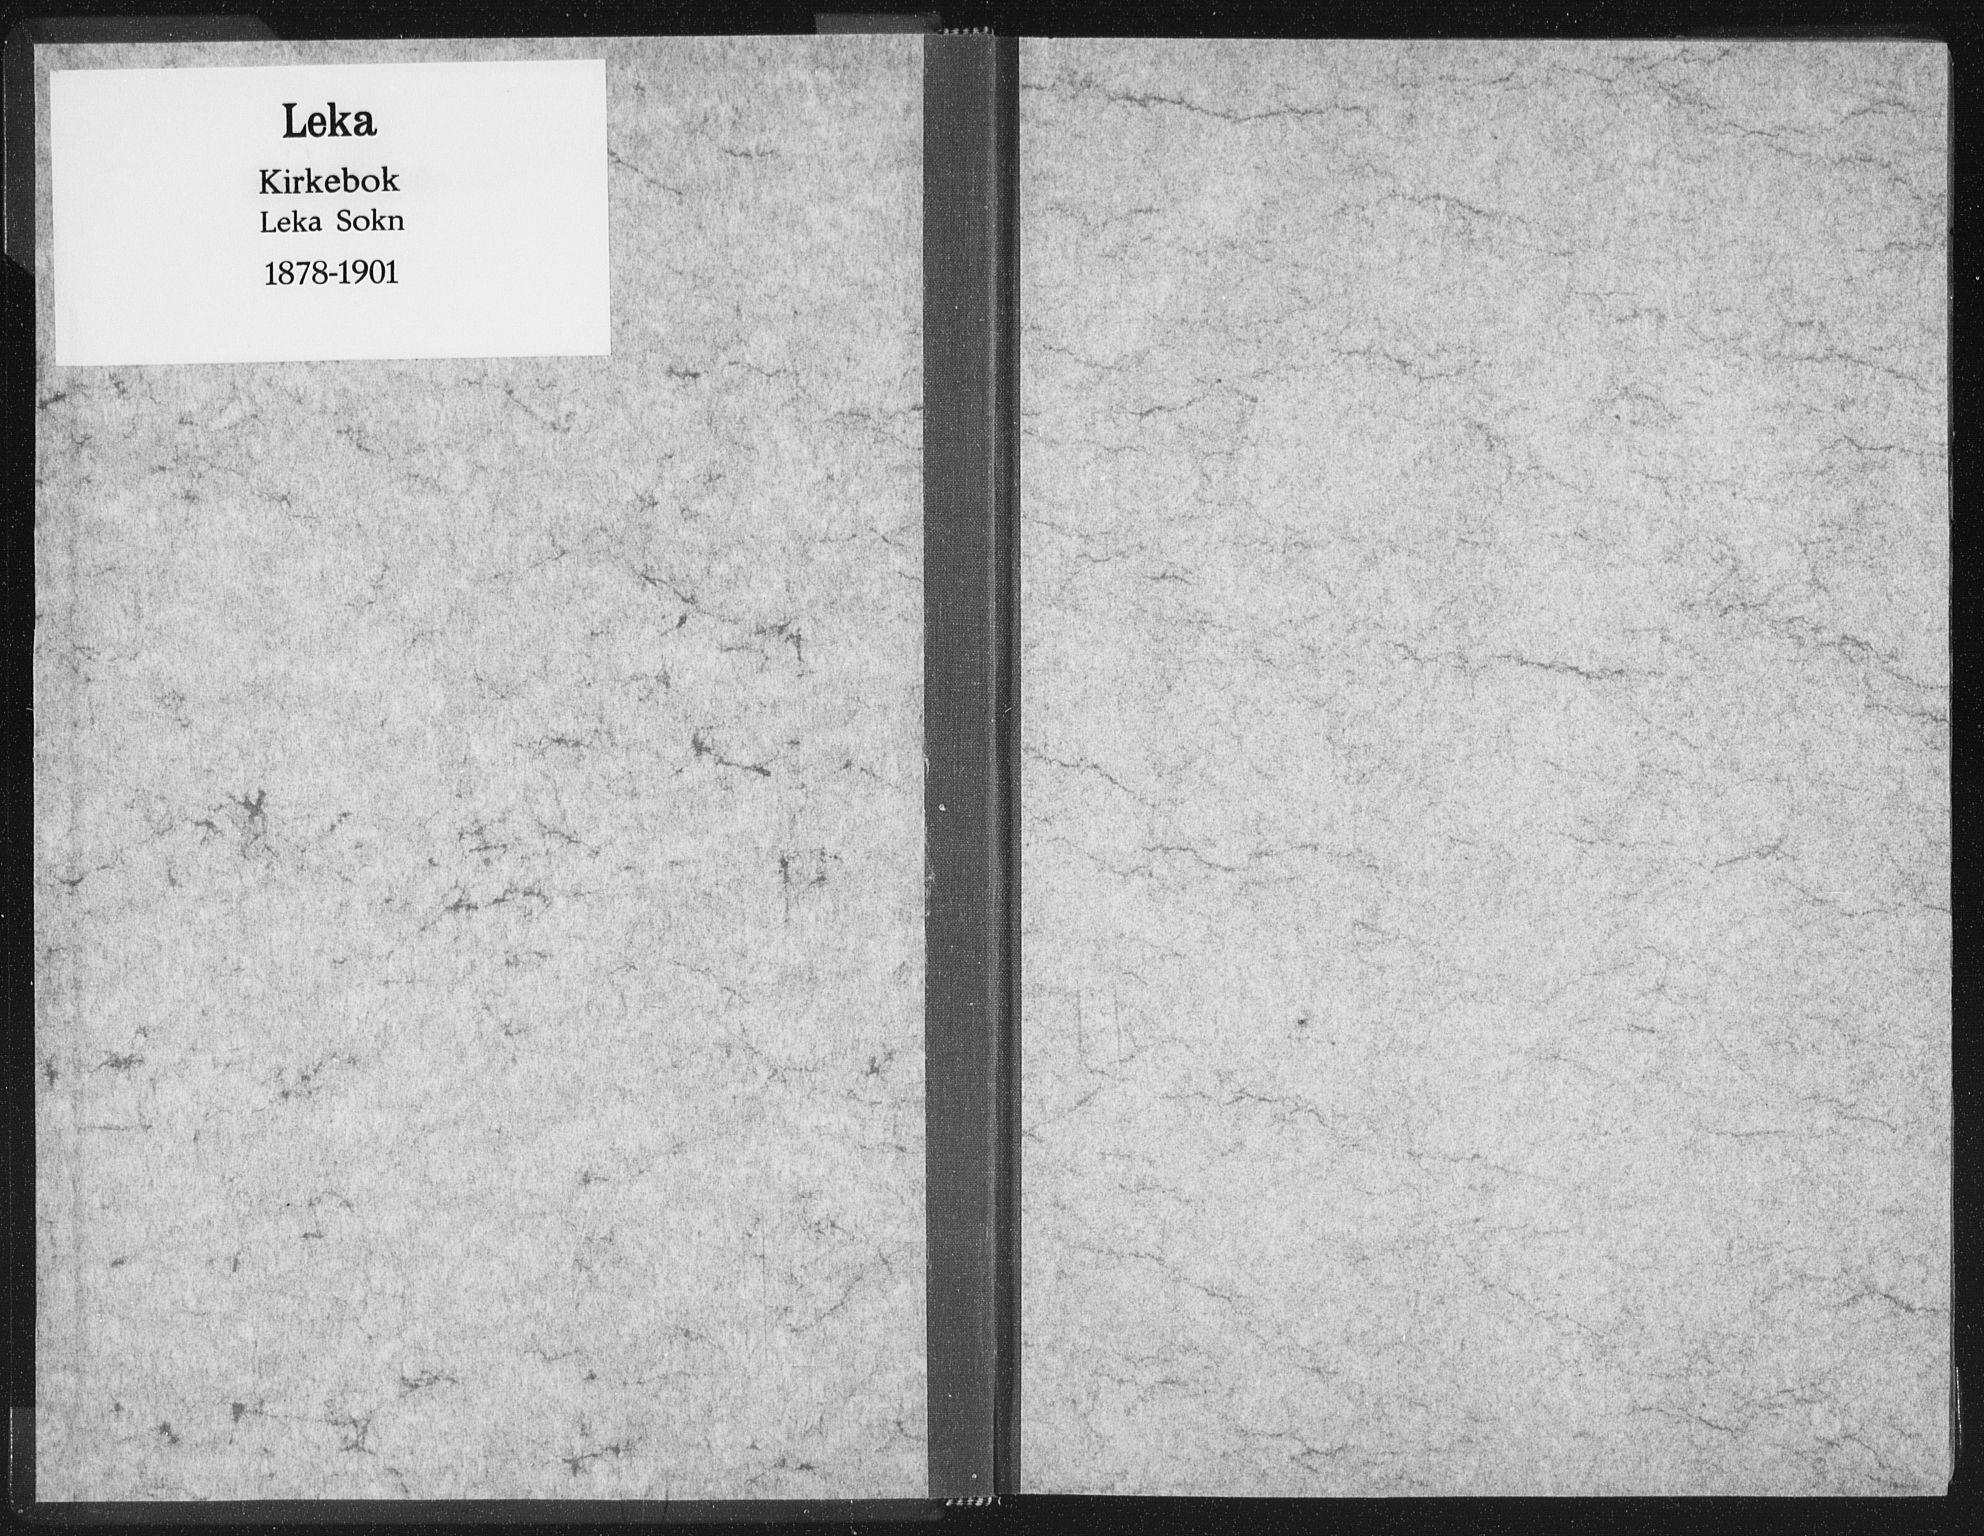 SAT, Ministerialprotokoller, klokkerbøker og fødselsregistre - Nord-Trøndelag, 788/L0697: Ministerialbok nr. 788A04, 1878-1902